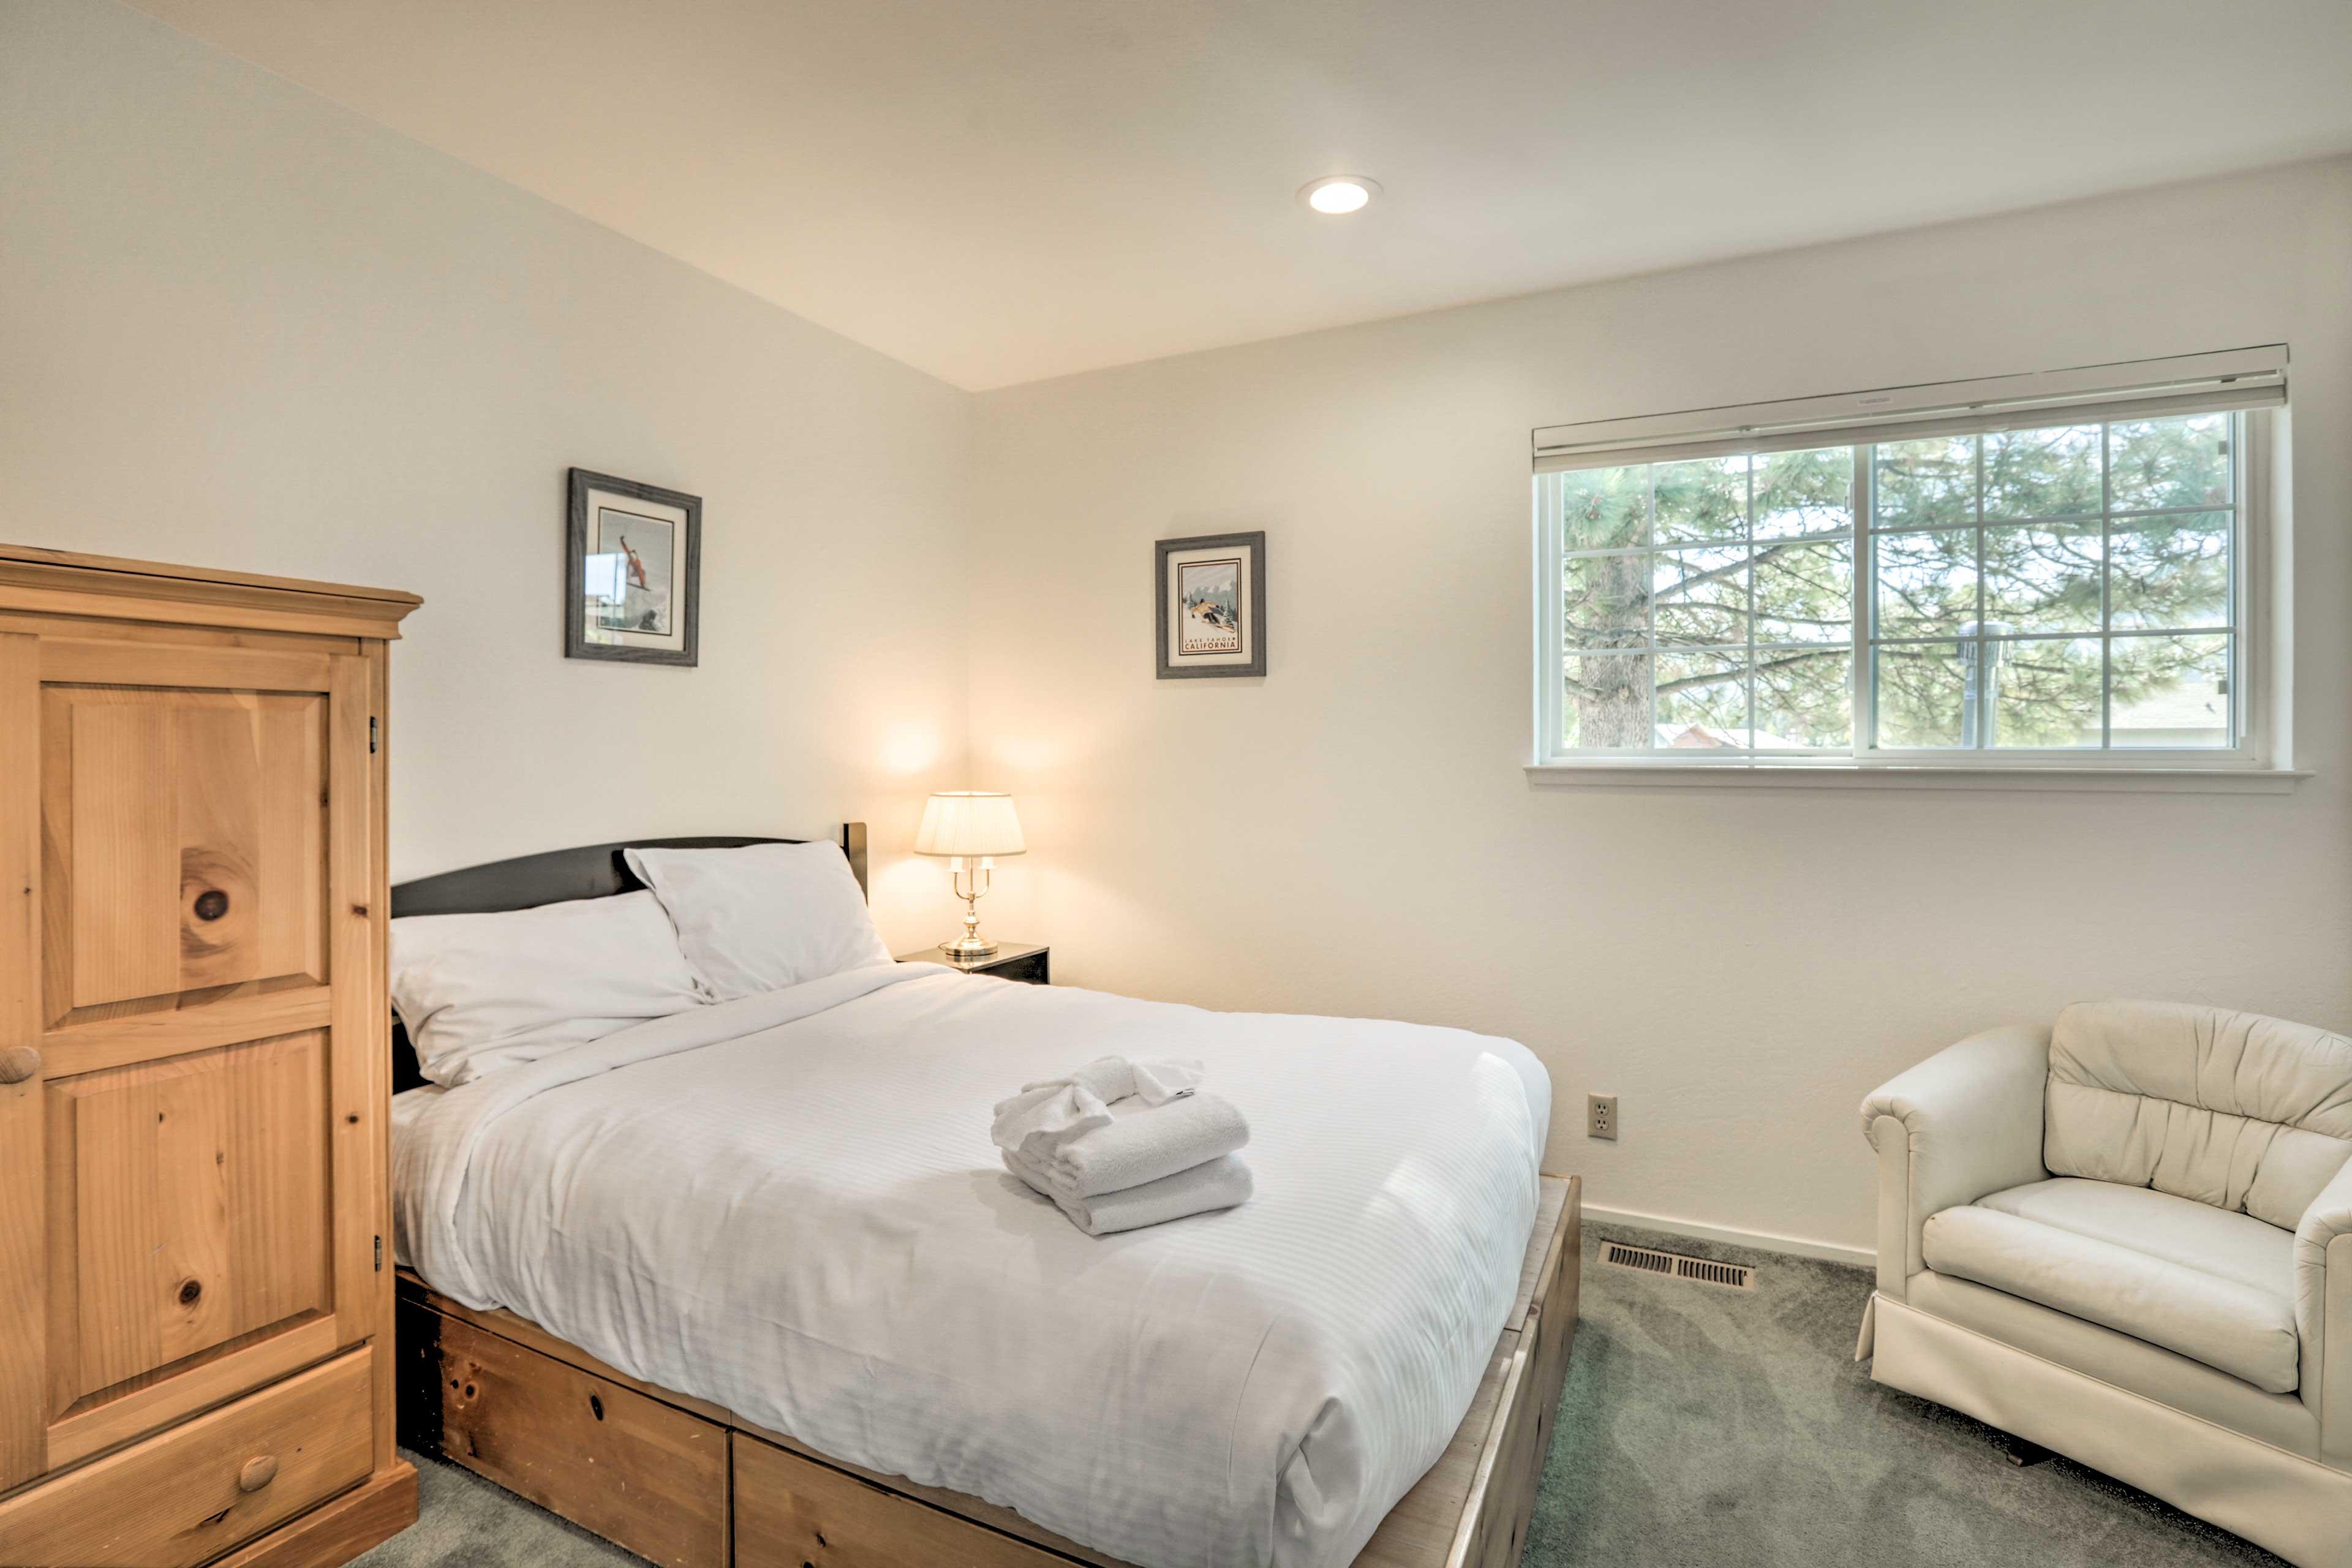 Enjoy natural light illuminating this room!